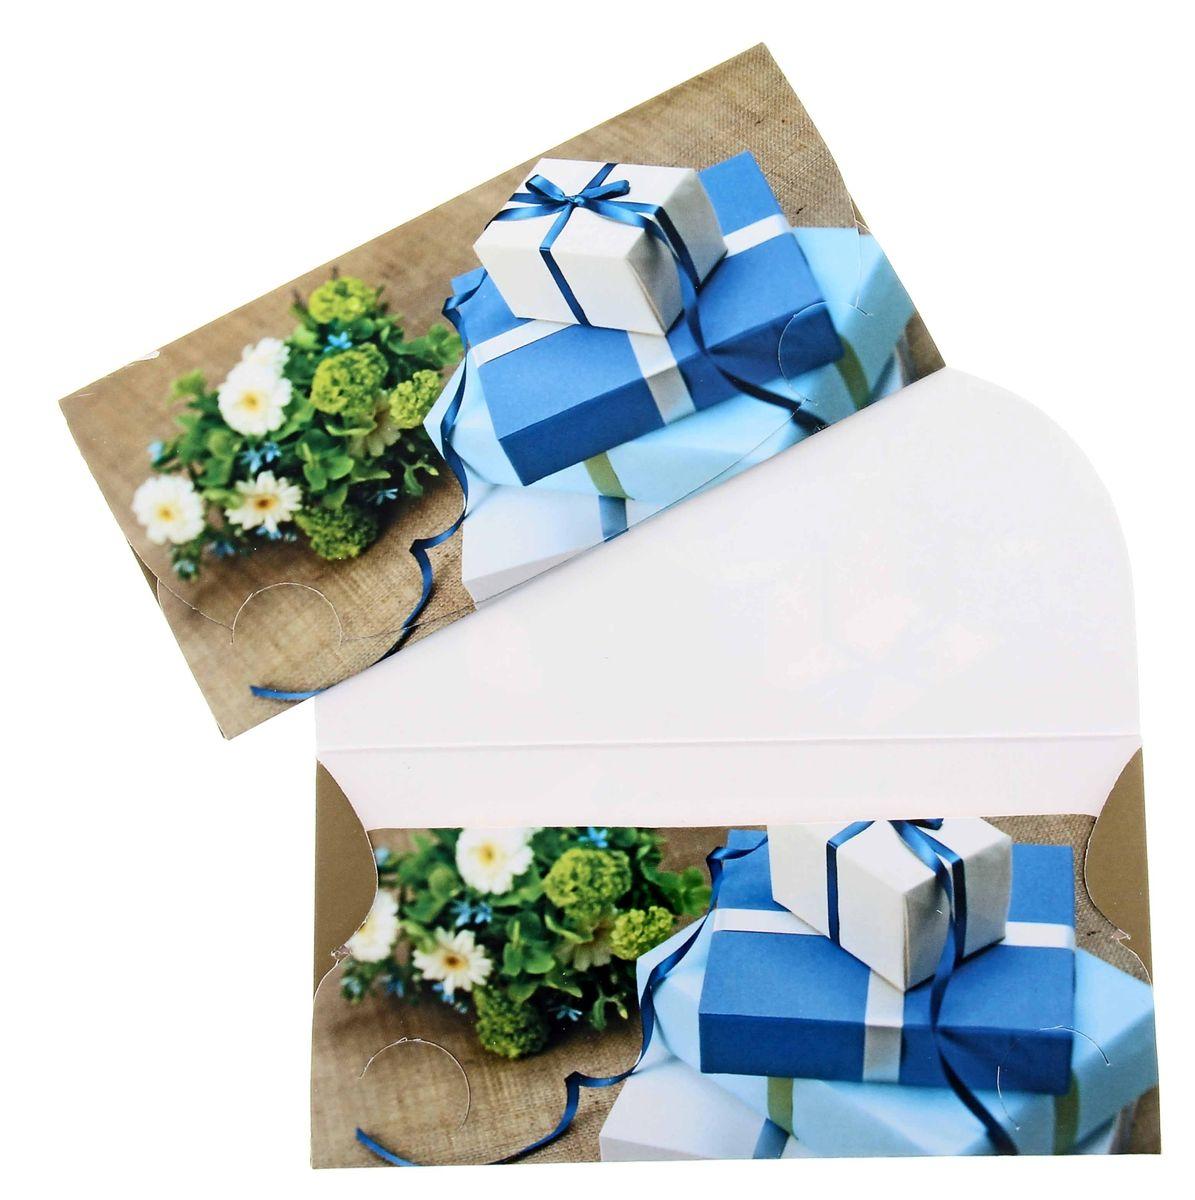 Конверт для денег Подарок. 191176191176Конверт для денег Подарок выполнен из плотного картона и украшен изображением цветов и подарков. Это необычная красивая одежка для денежного подарка, а также отличная возможность сделать его более праздничным и создать прекрасное настроение!